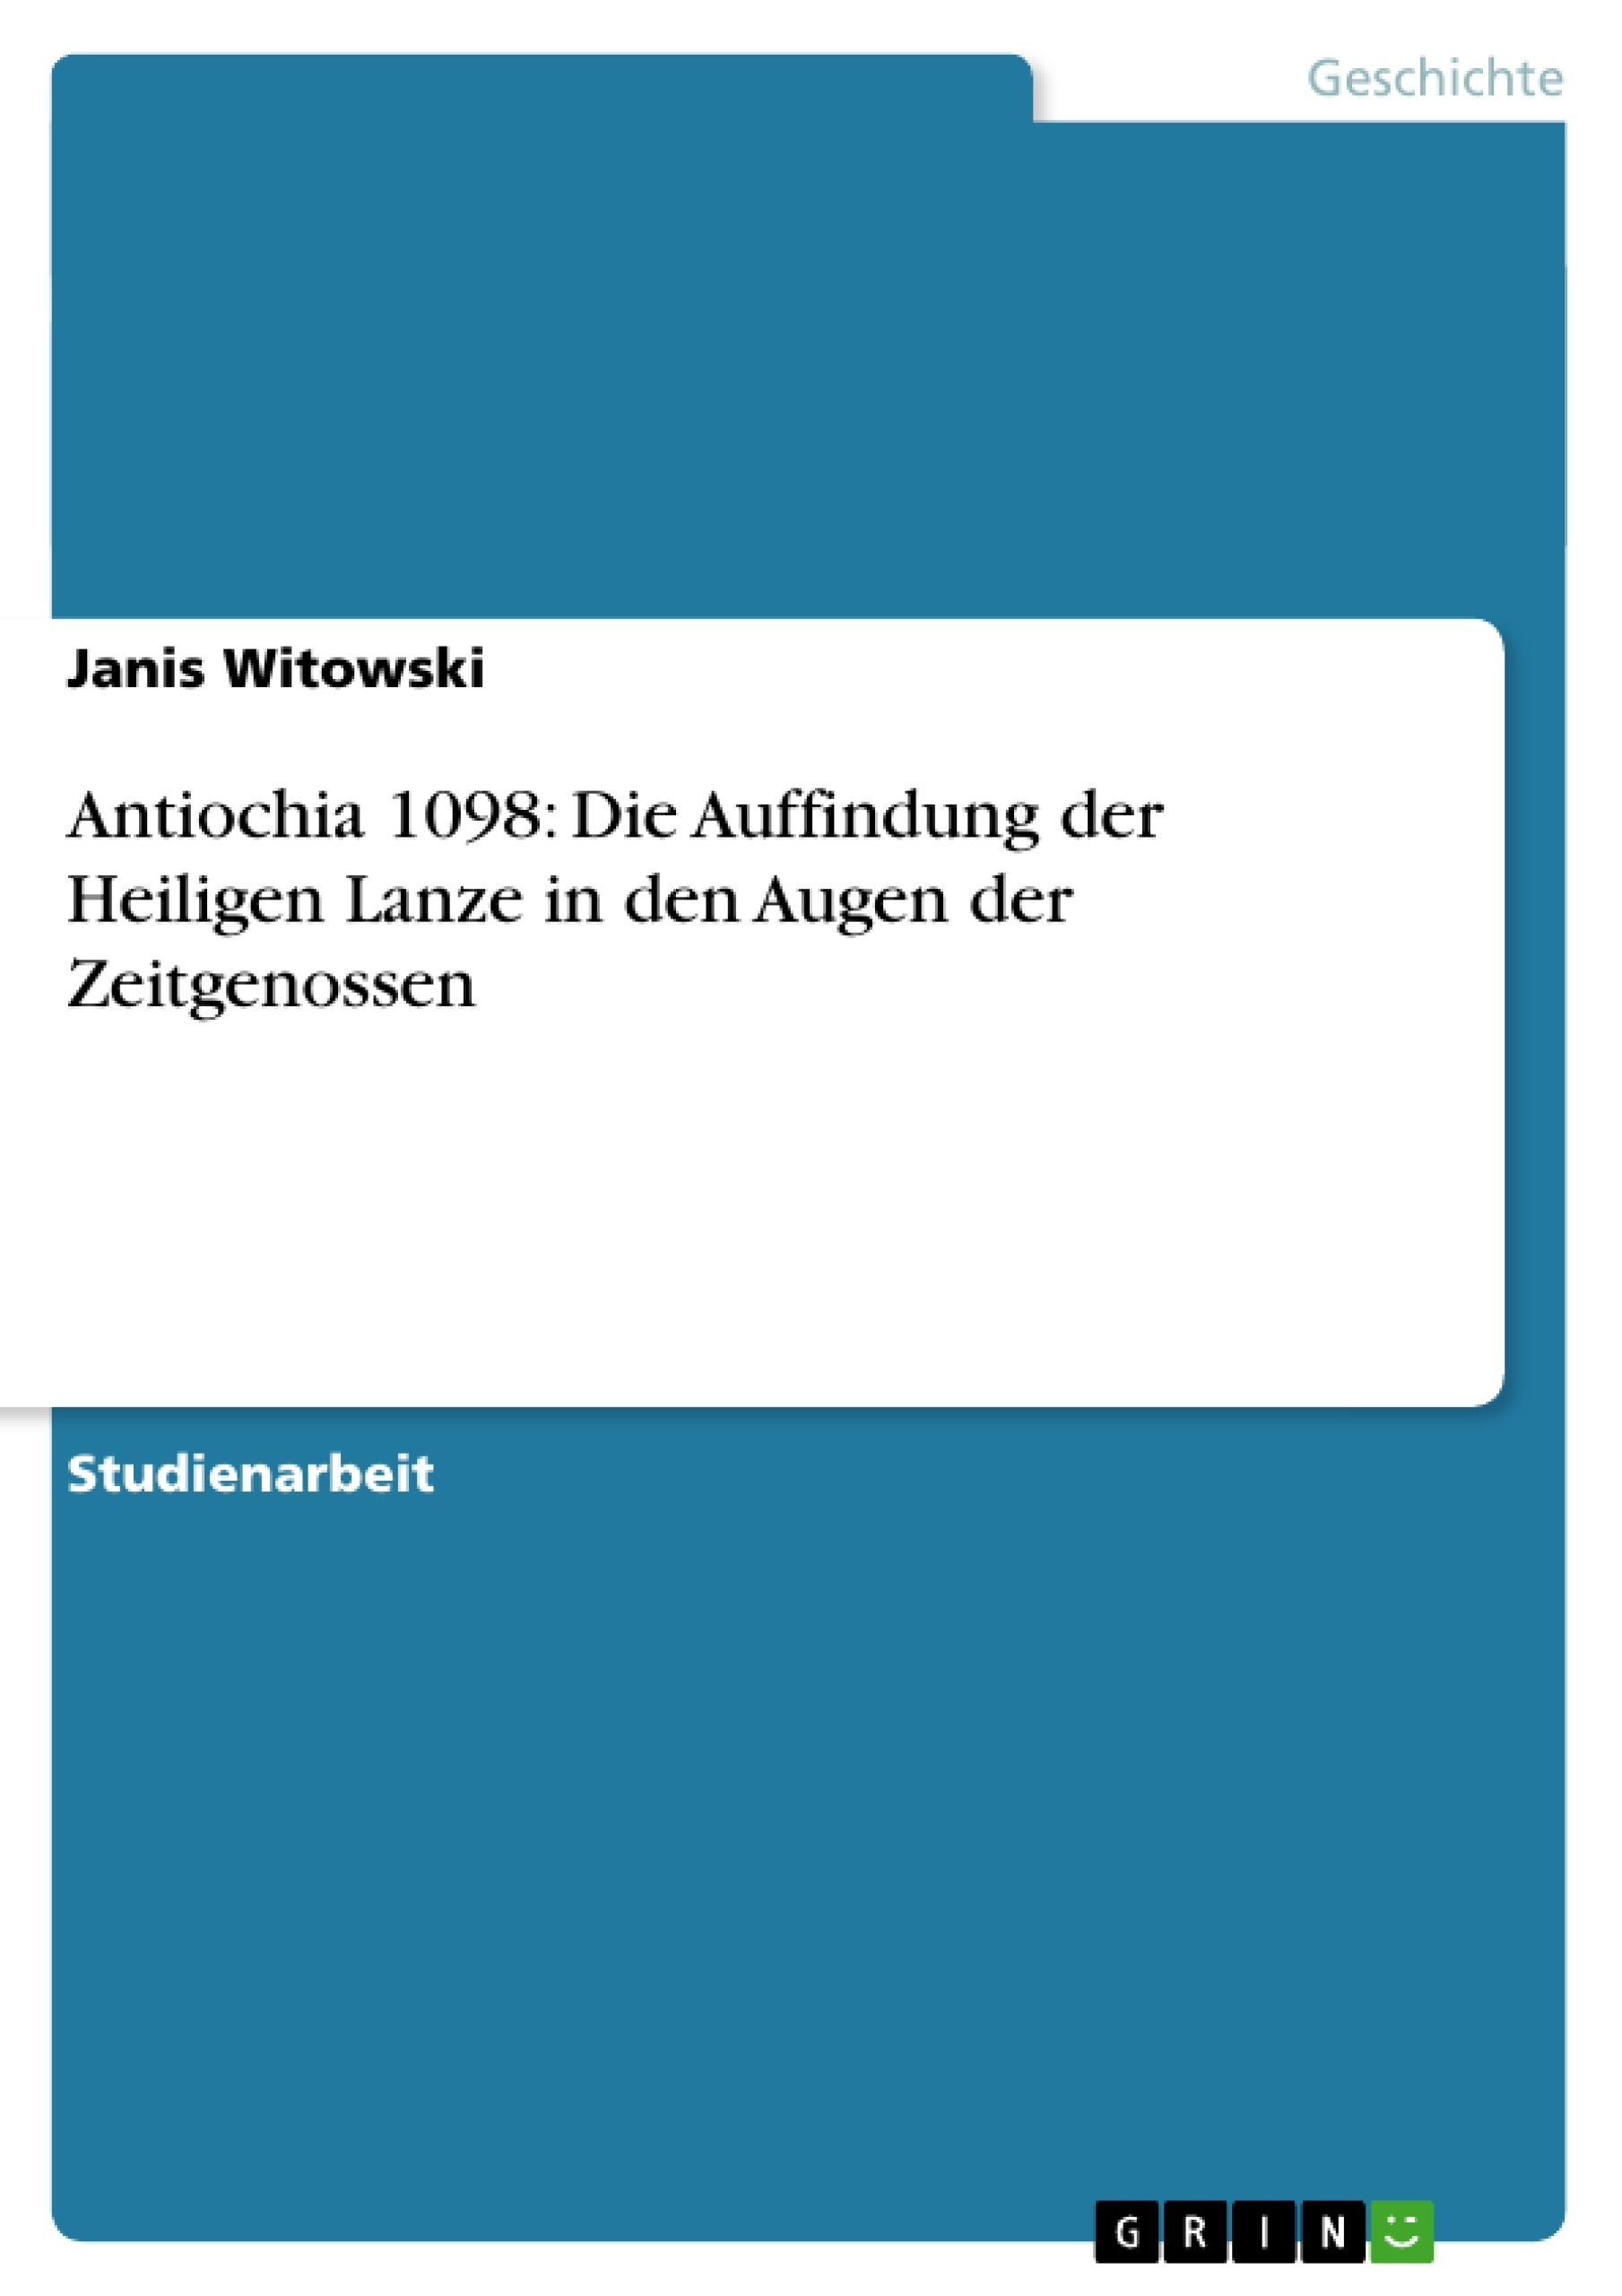 Titel: Antiochia 1098: Die Auffindung der Heiligen Lanze in den Augen der Zeitgenossen